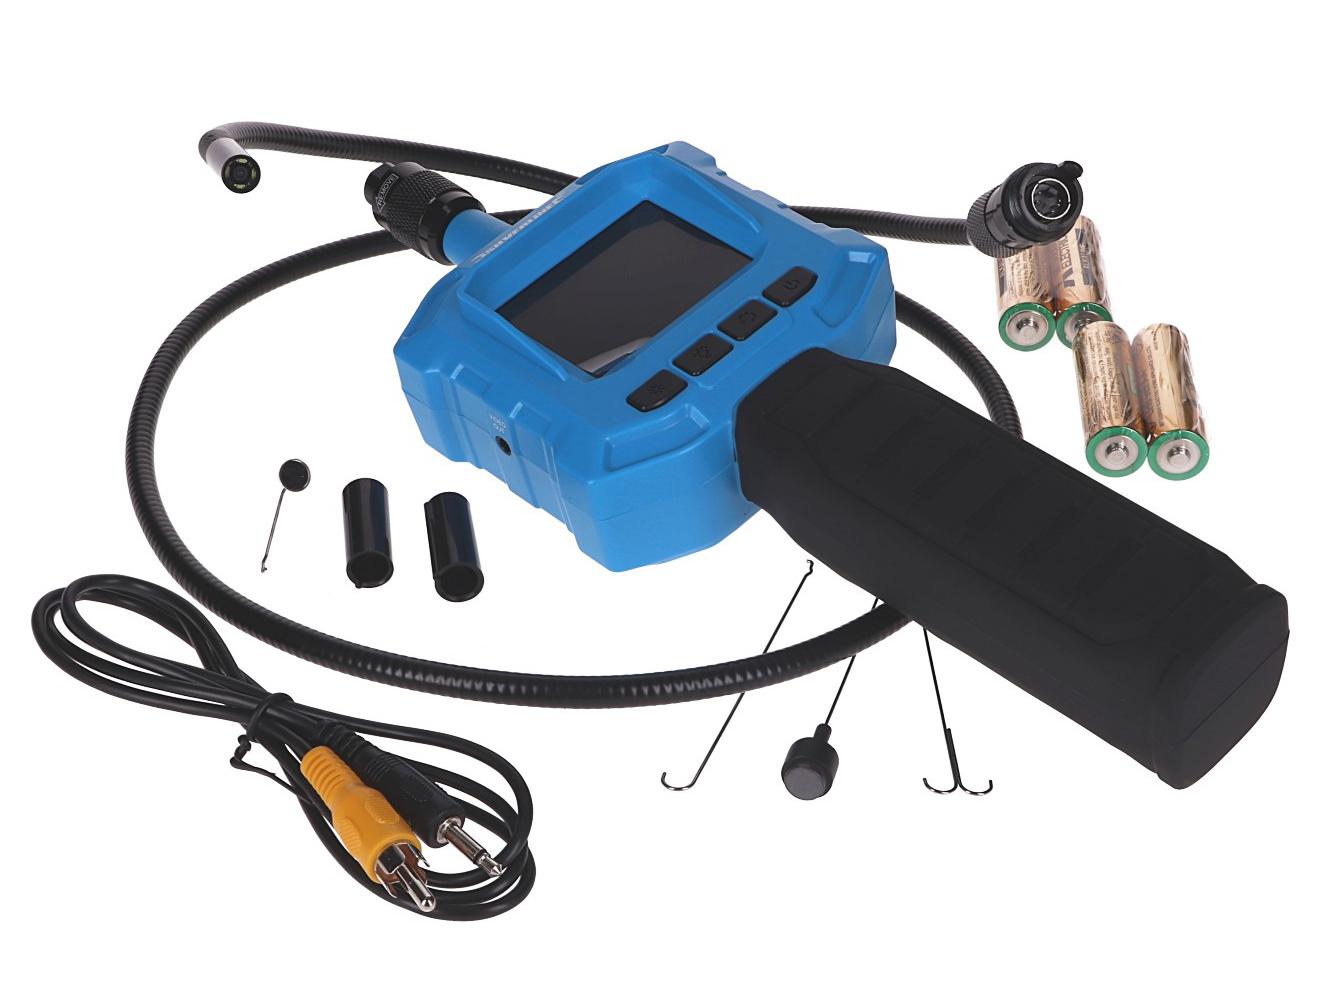 Videoinspektionskamera - Silverline   værktøj